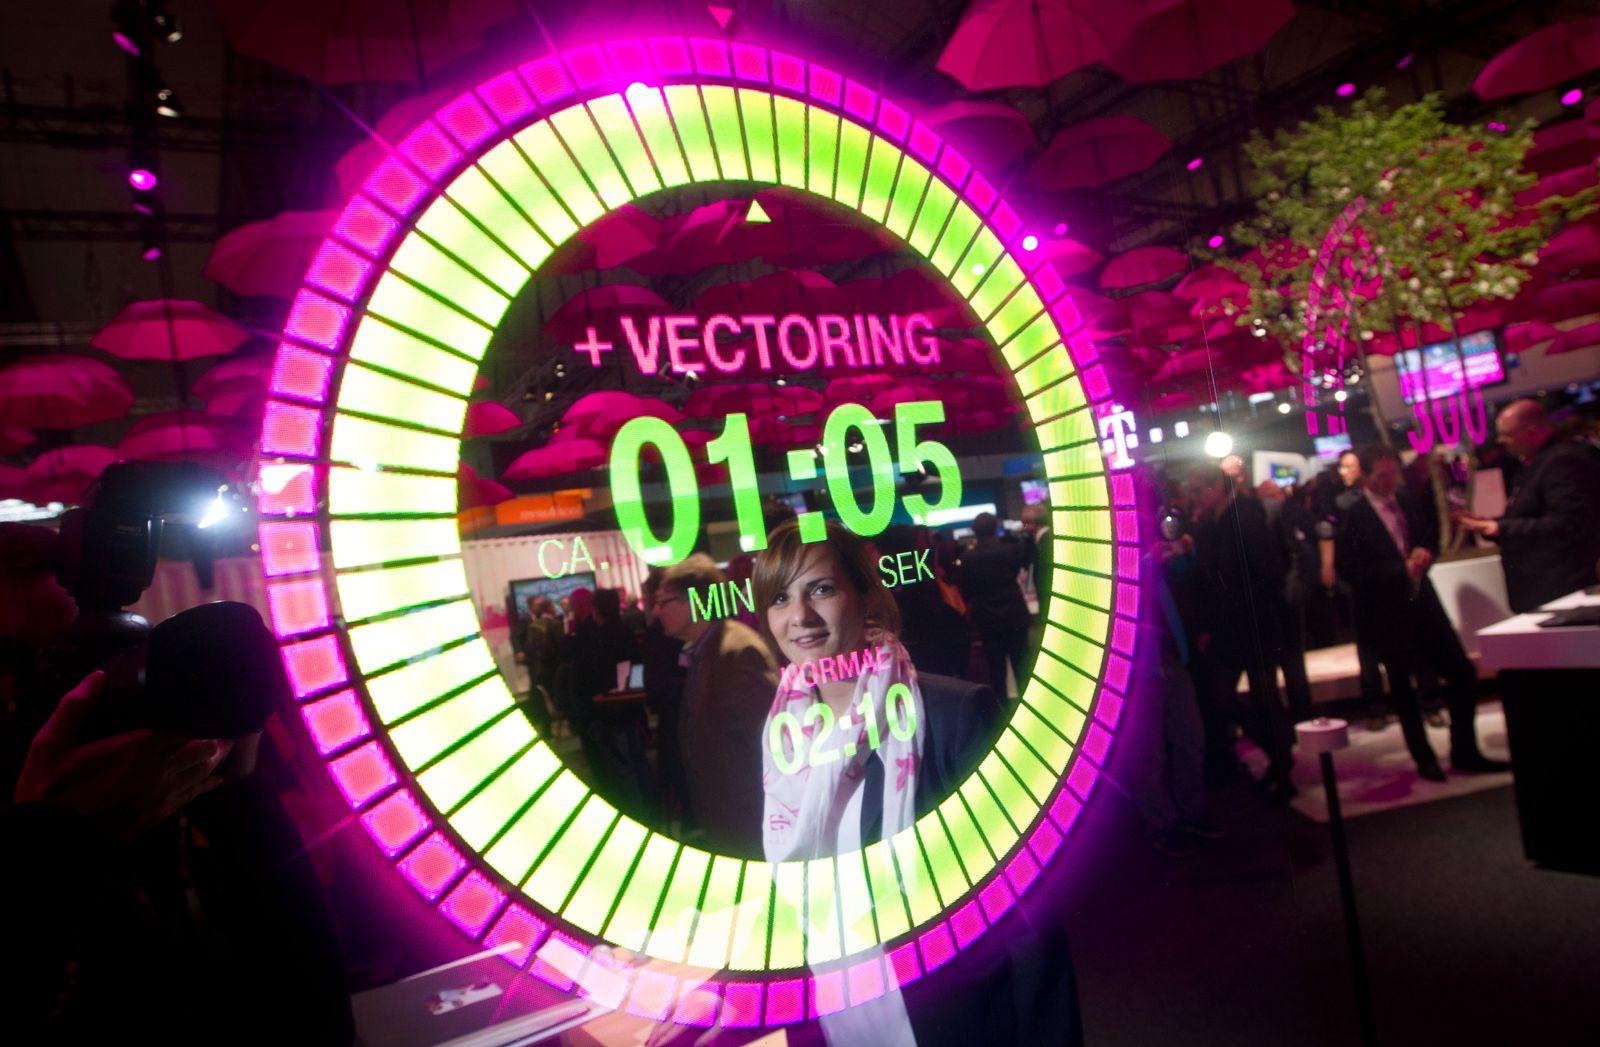 CeBIT 2014 / Vectoring